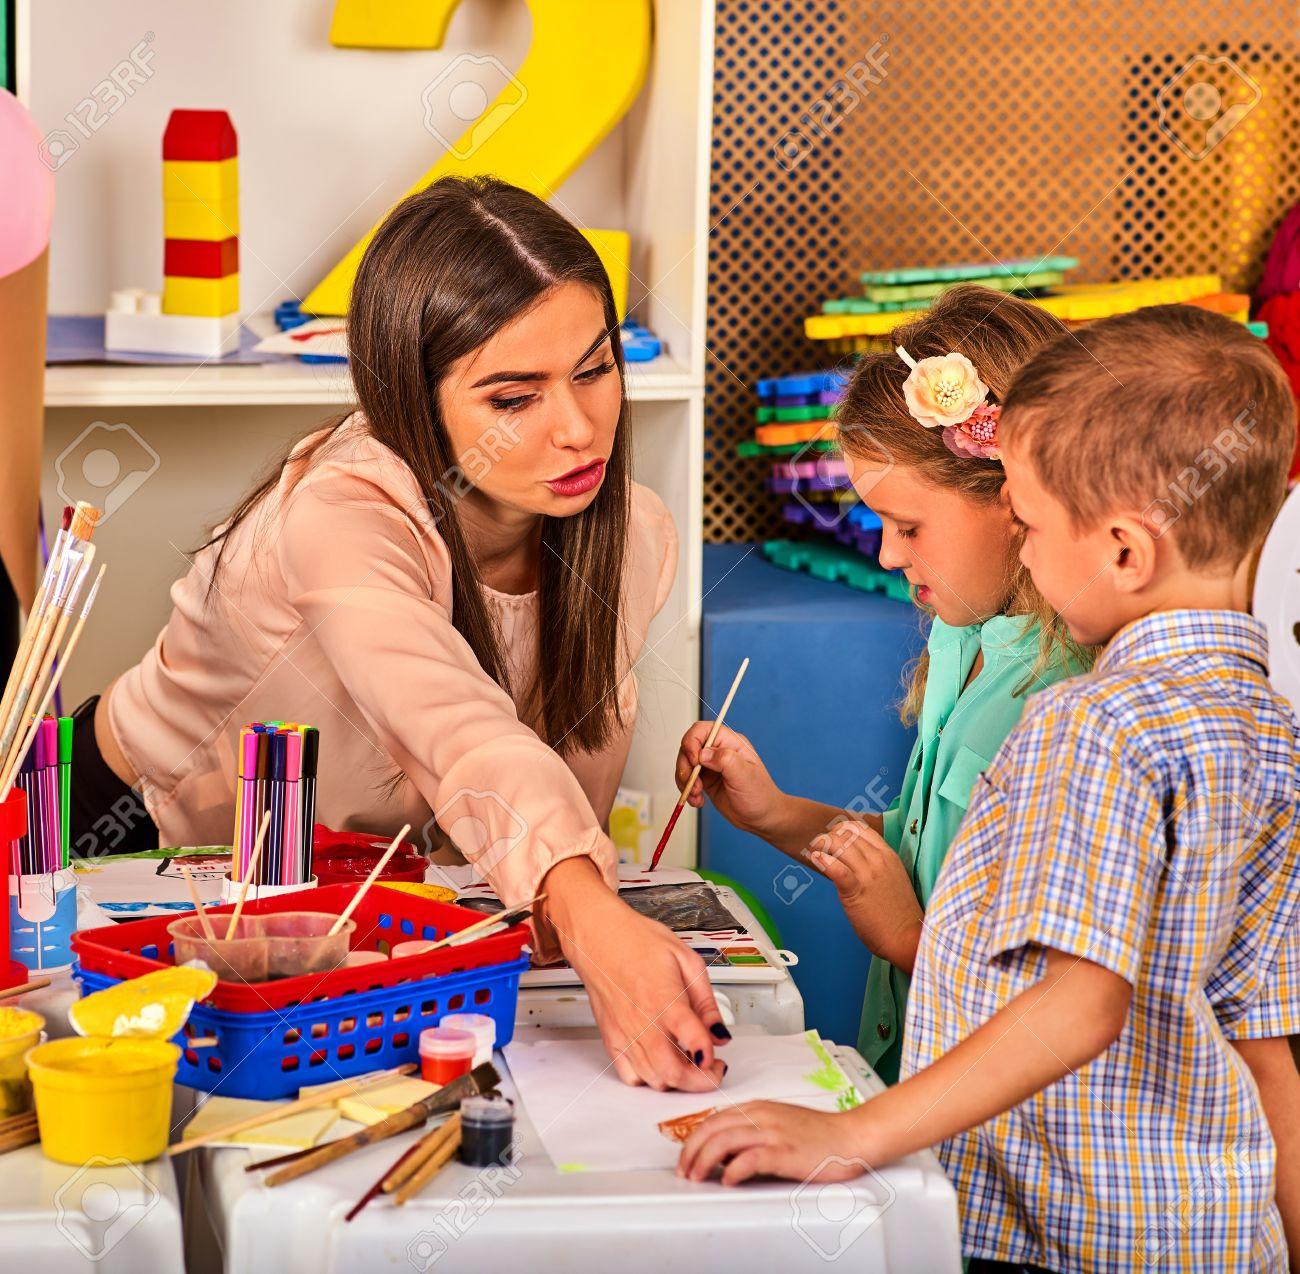 Enfants Organisation De Jeux D'enfants Peinture Et Dessin En Club Pour Les  Enfants. Leçon D'artisanat À L'école Primaire. Professeur De Maternelle Et serapportantà Jeux De Peinture Pour Fille